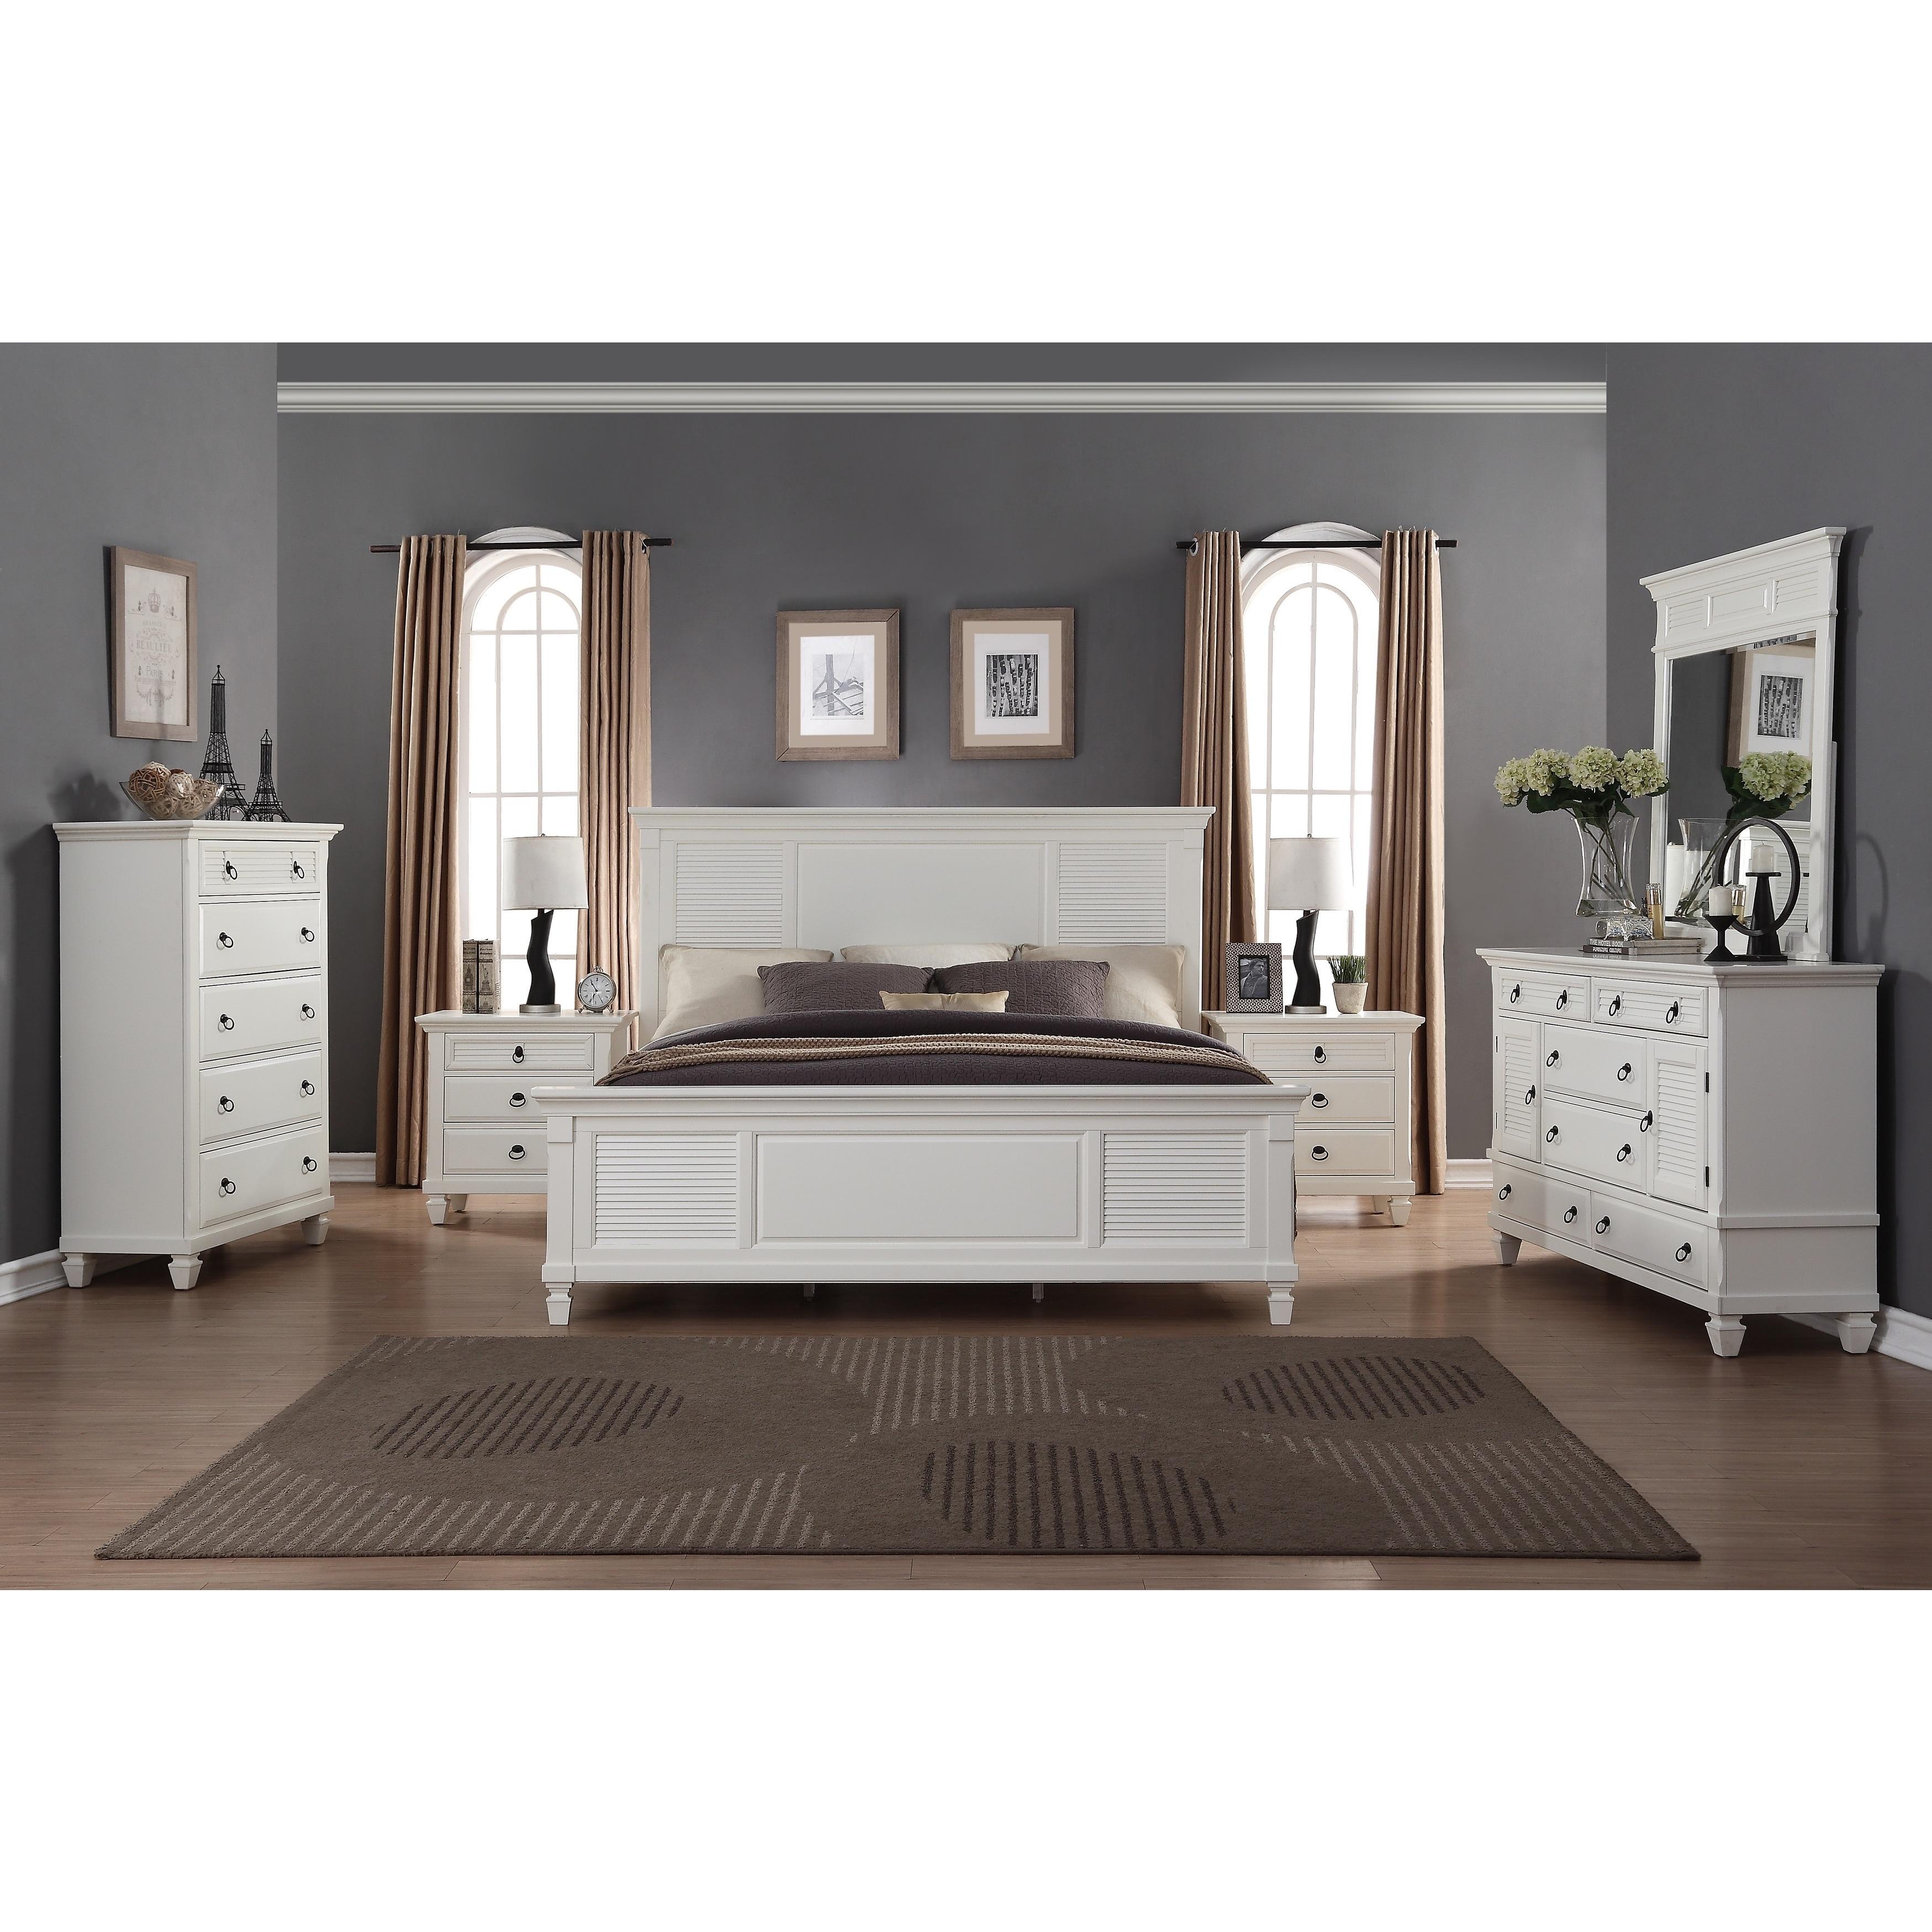 Shop Regitina White 6 Piece Queen Bedroom Furniture Set On Sale Overstock 12601995